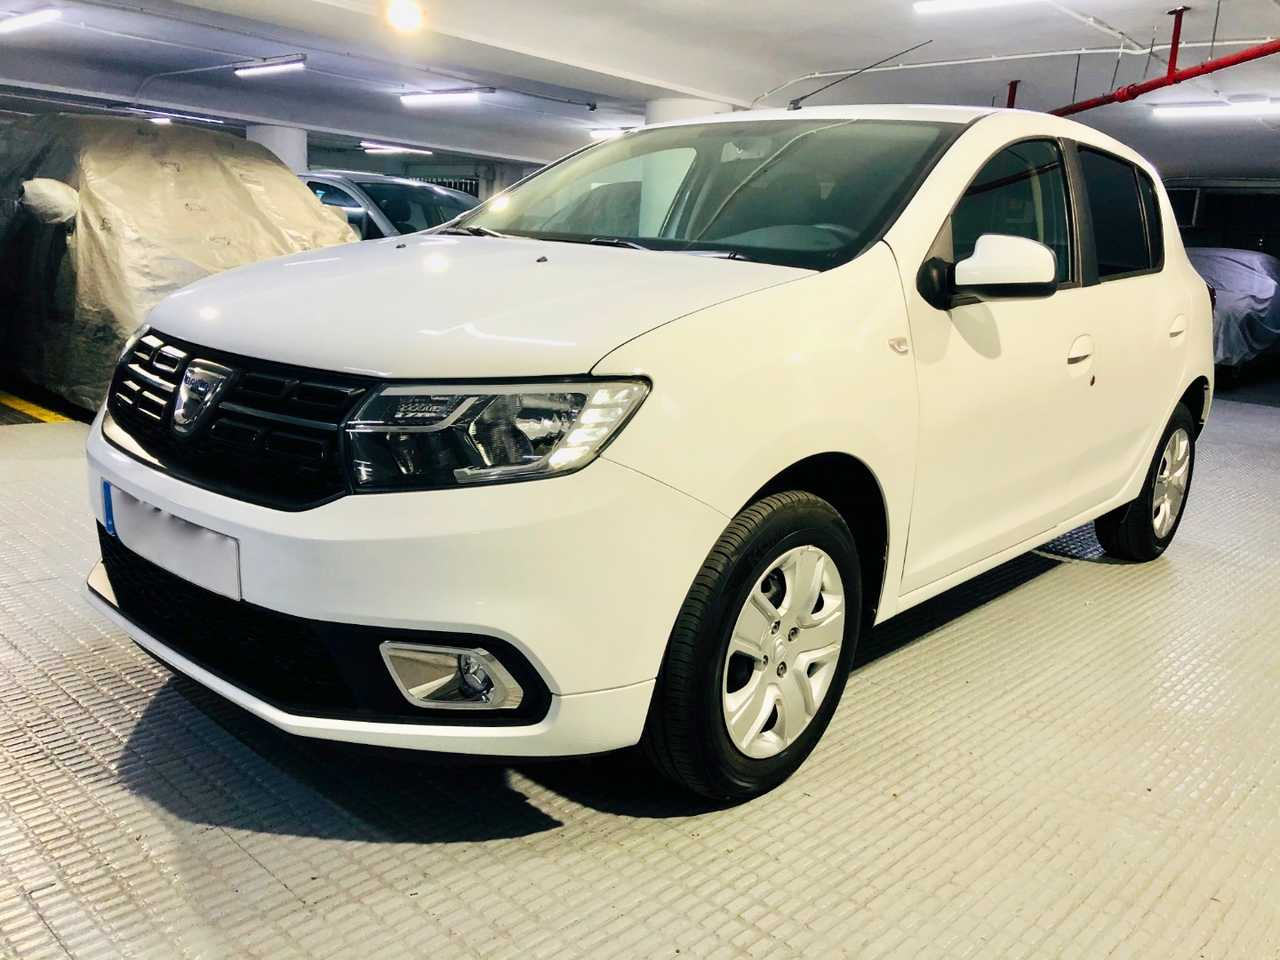 Dacia Sandero 0.9 Tce Ambiance 90cv. Nuevo !!! Oportunidad .   - Foto 1